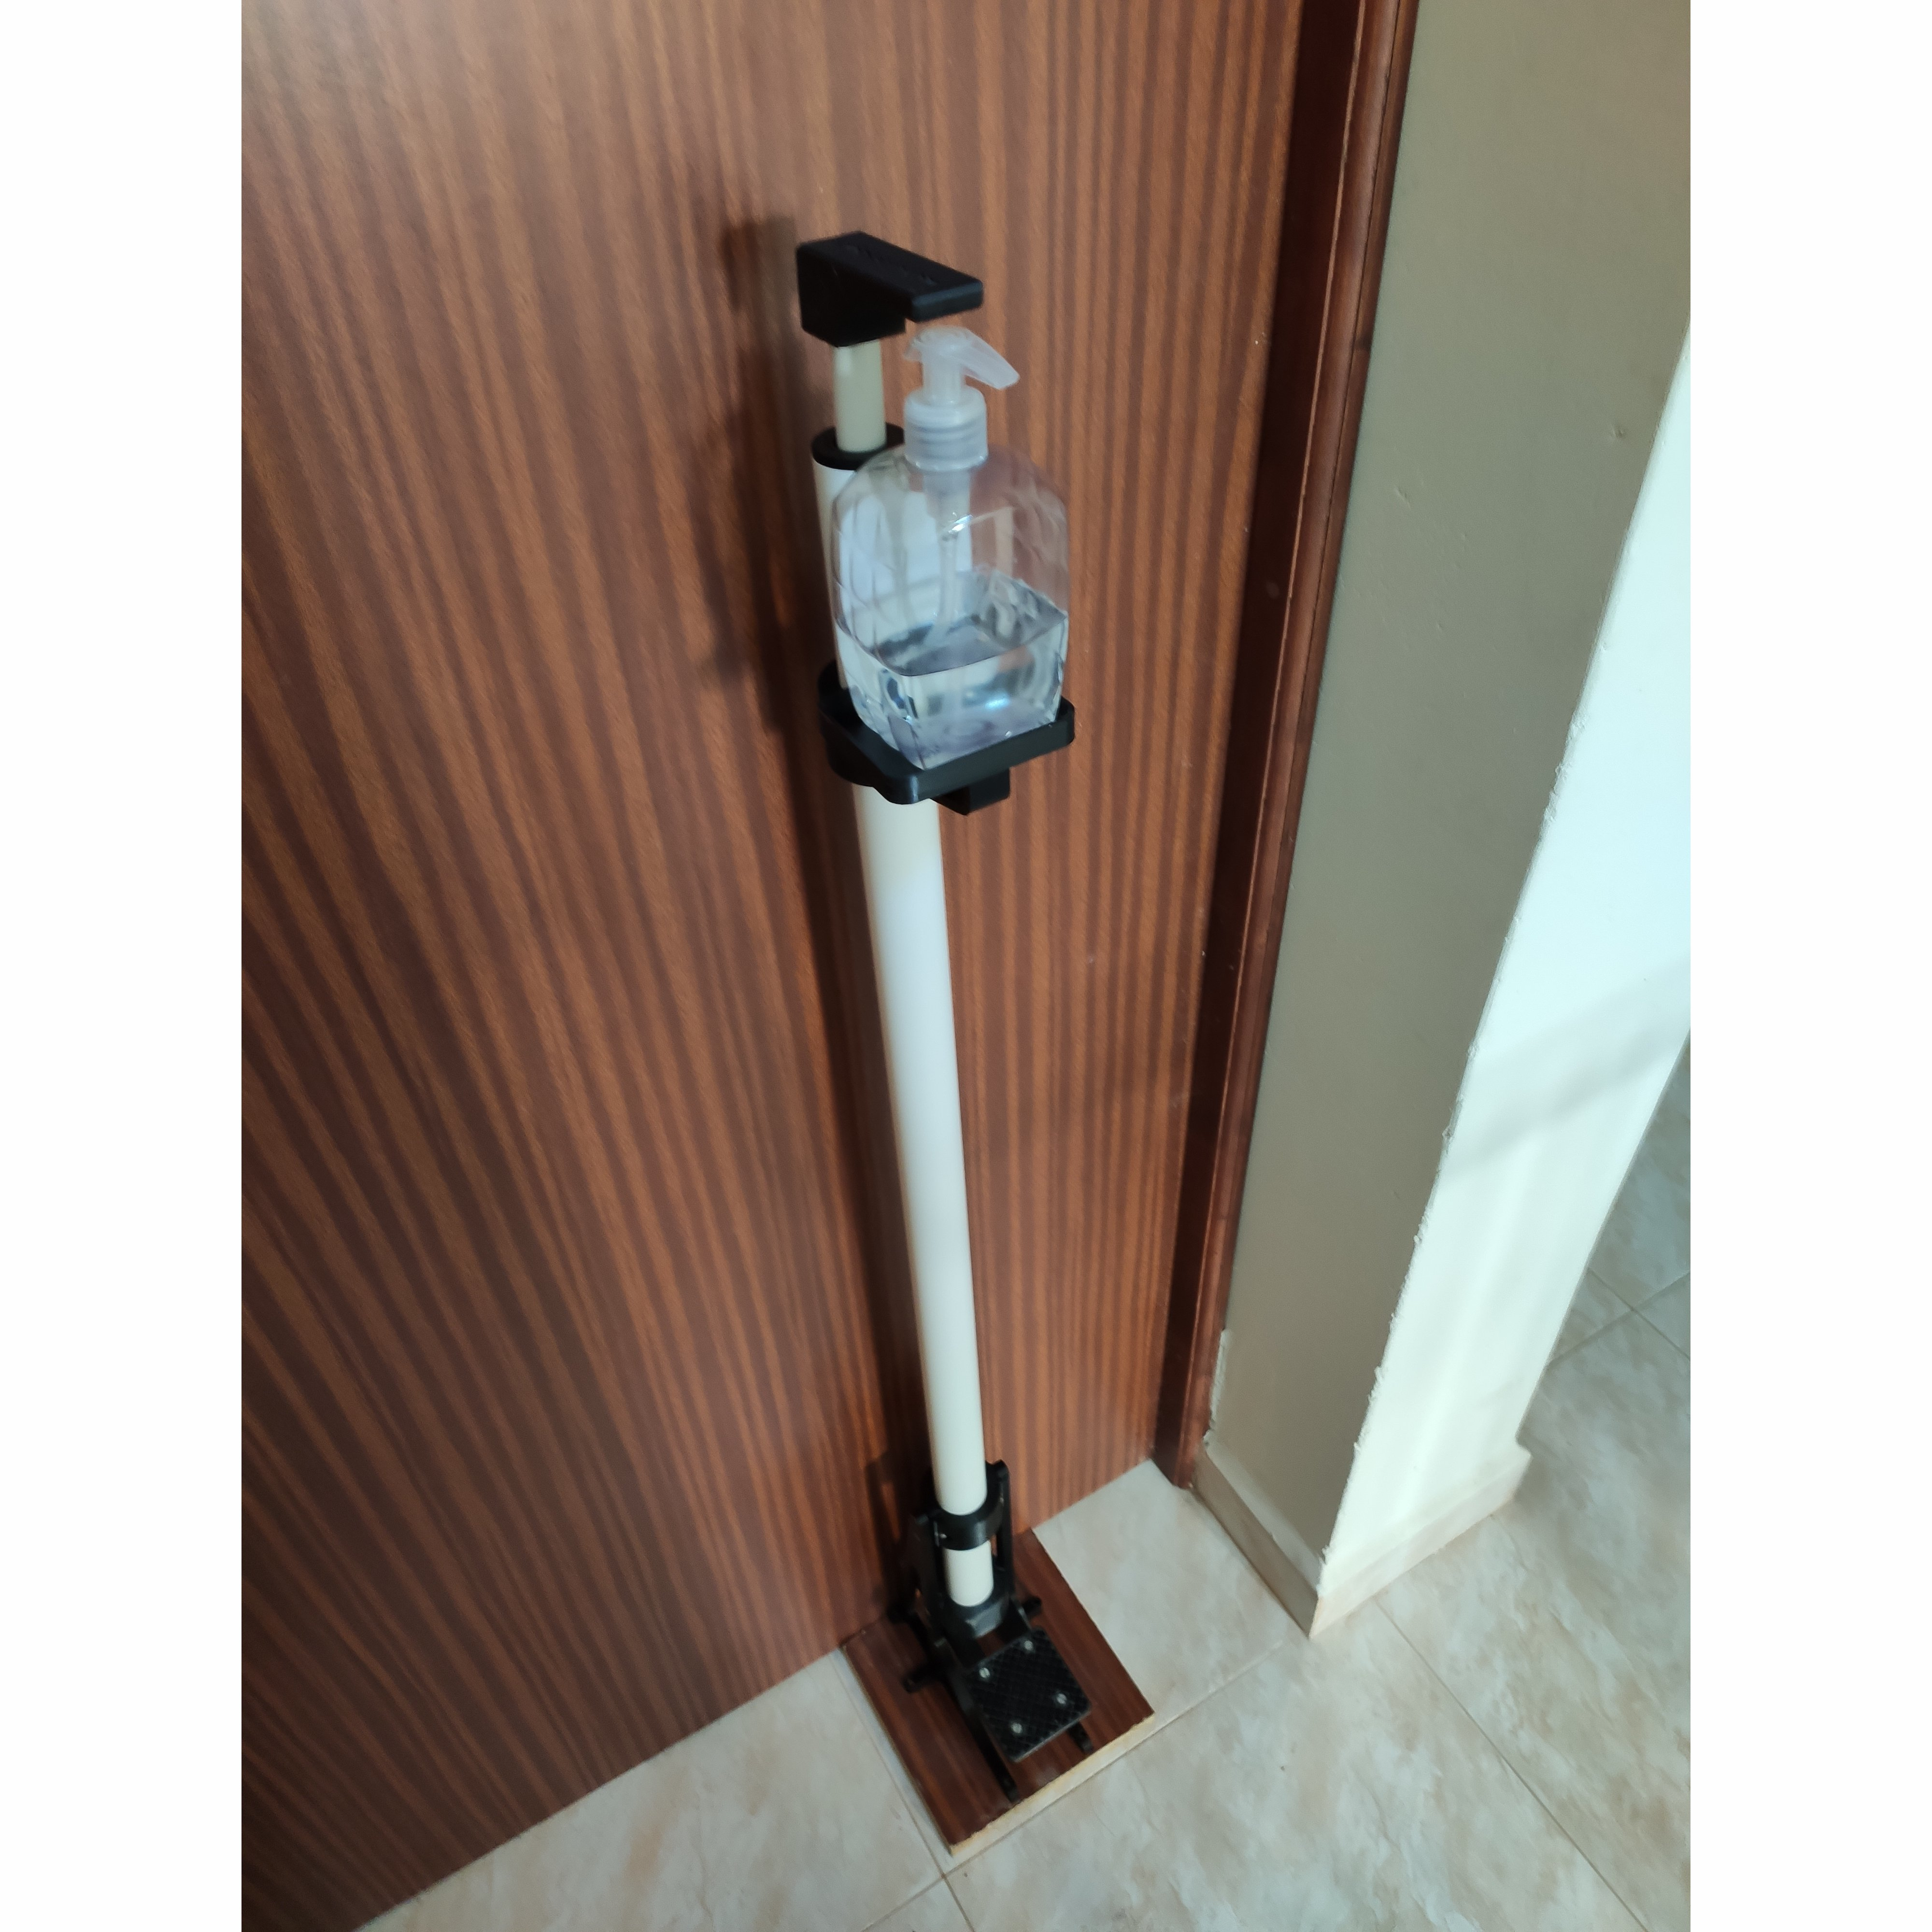 IMG_20200526_074547_square.jpg Download STL file Hand Free Sanitizer Dispenser • 3D print object, Osprey